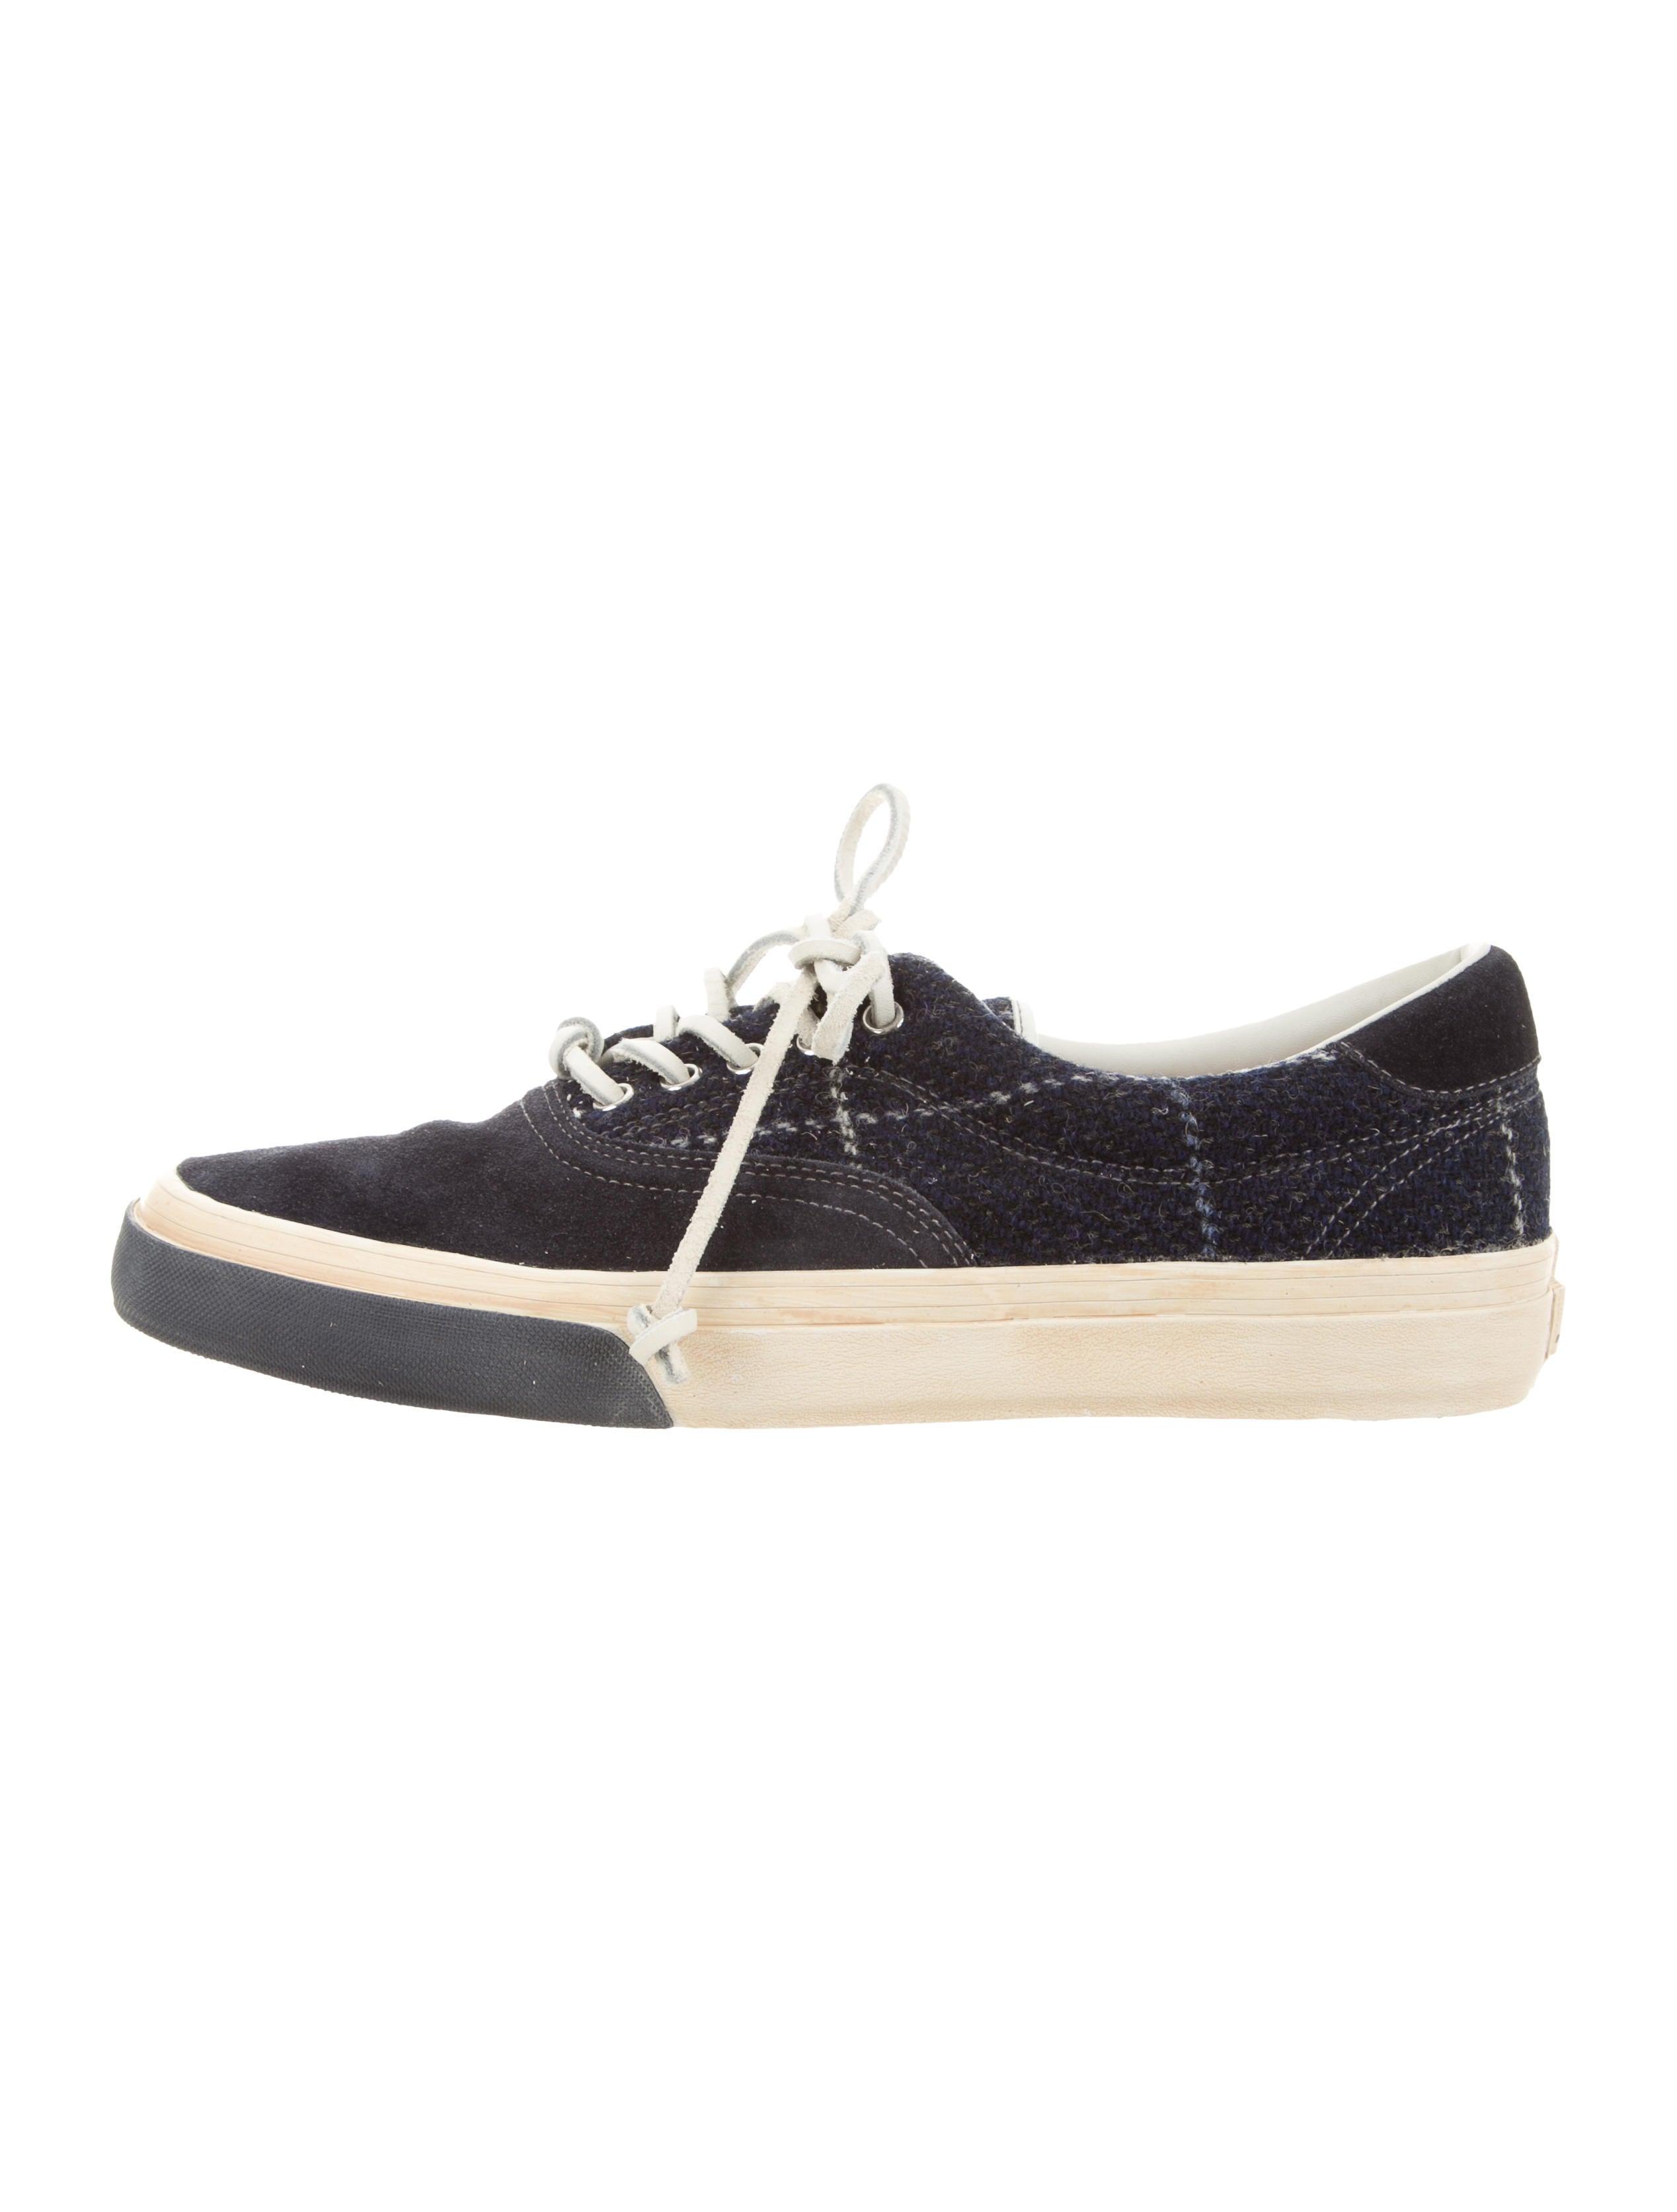 FOOTWEAR - Low-tops & sneakers N.D.C. Wa7nKsvI